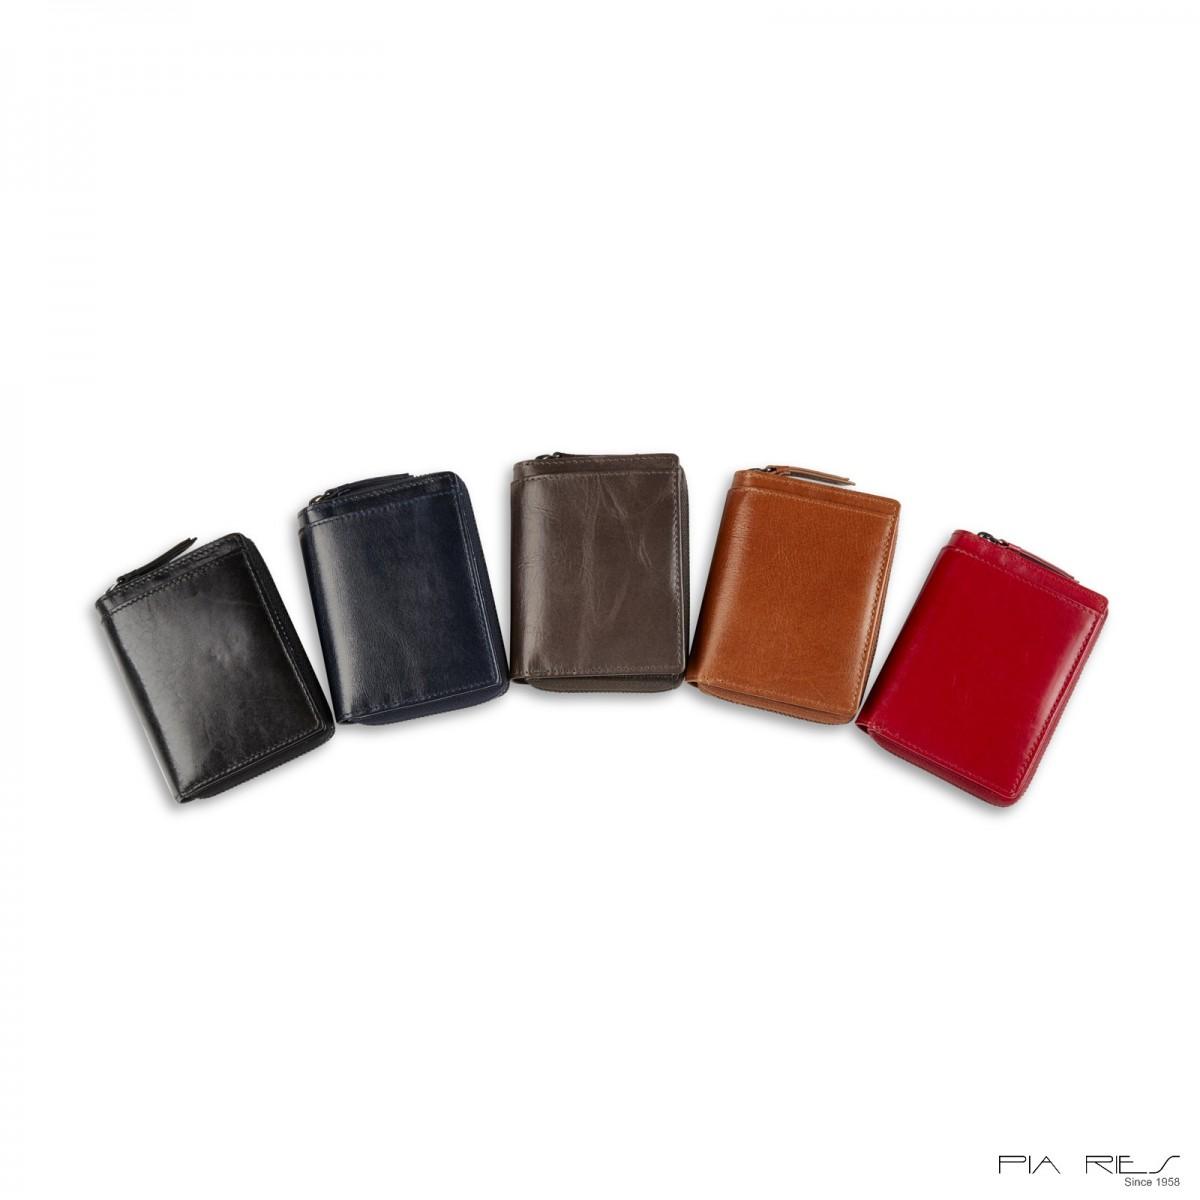 Lille pung til kort og mønter-33